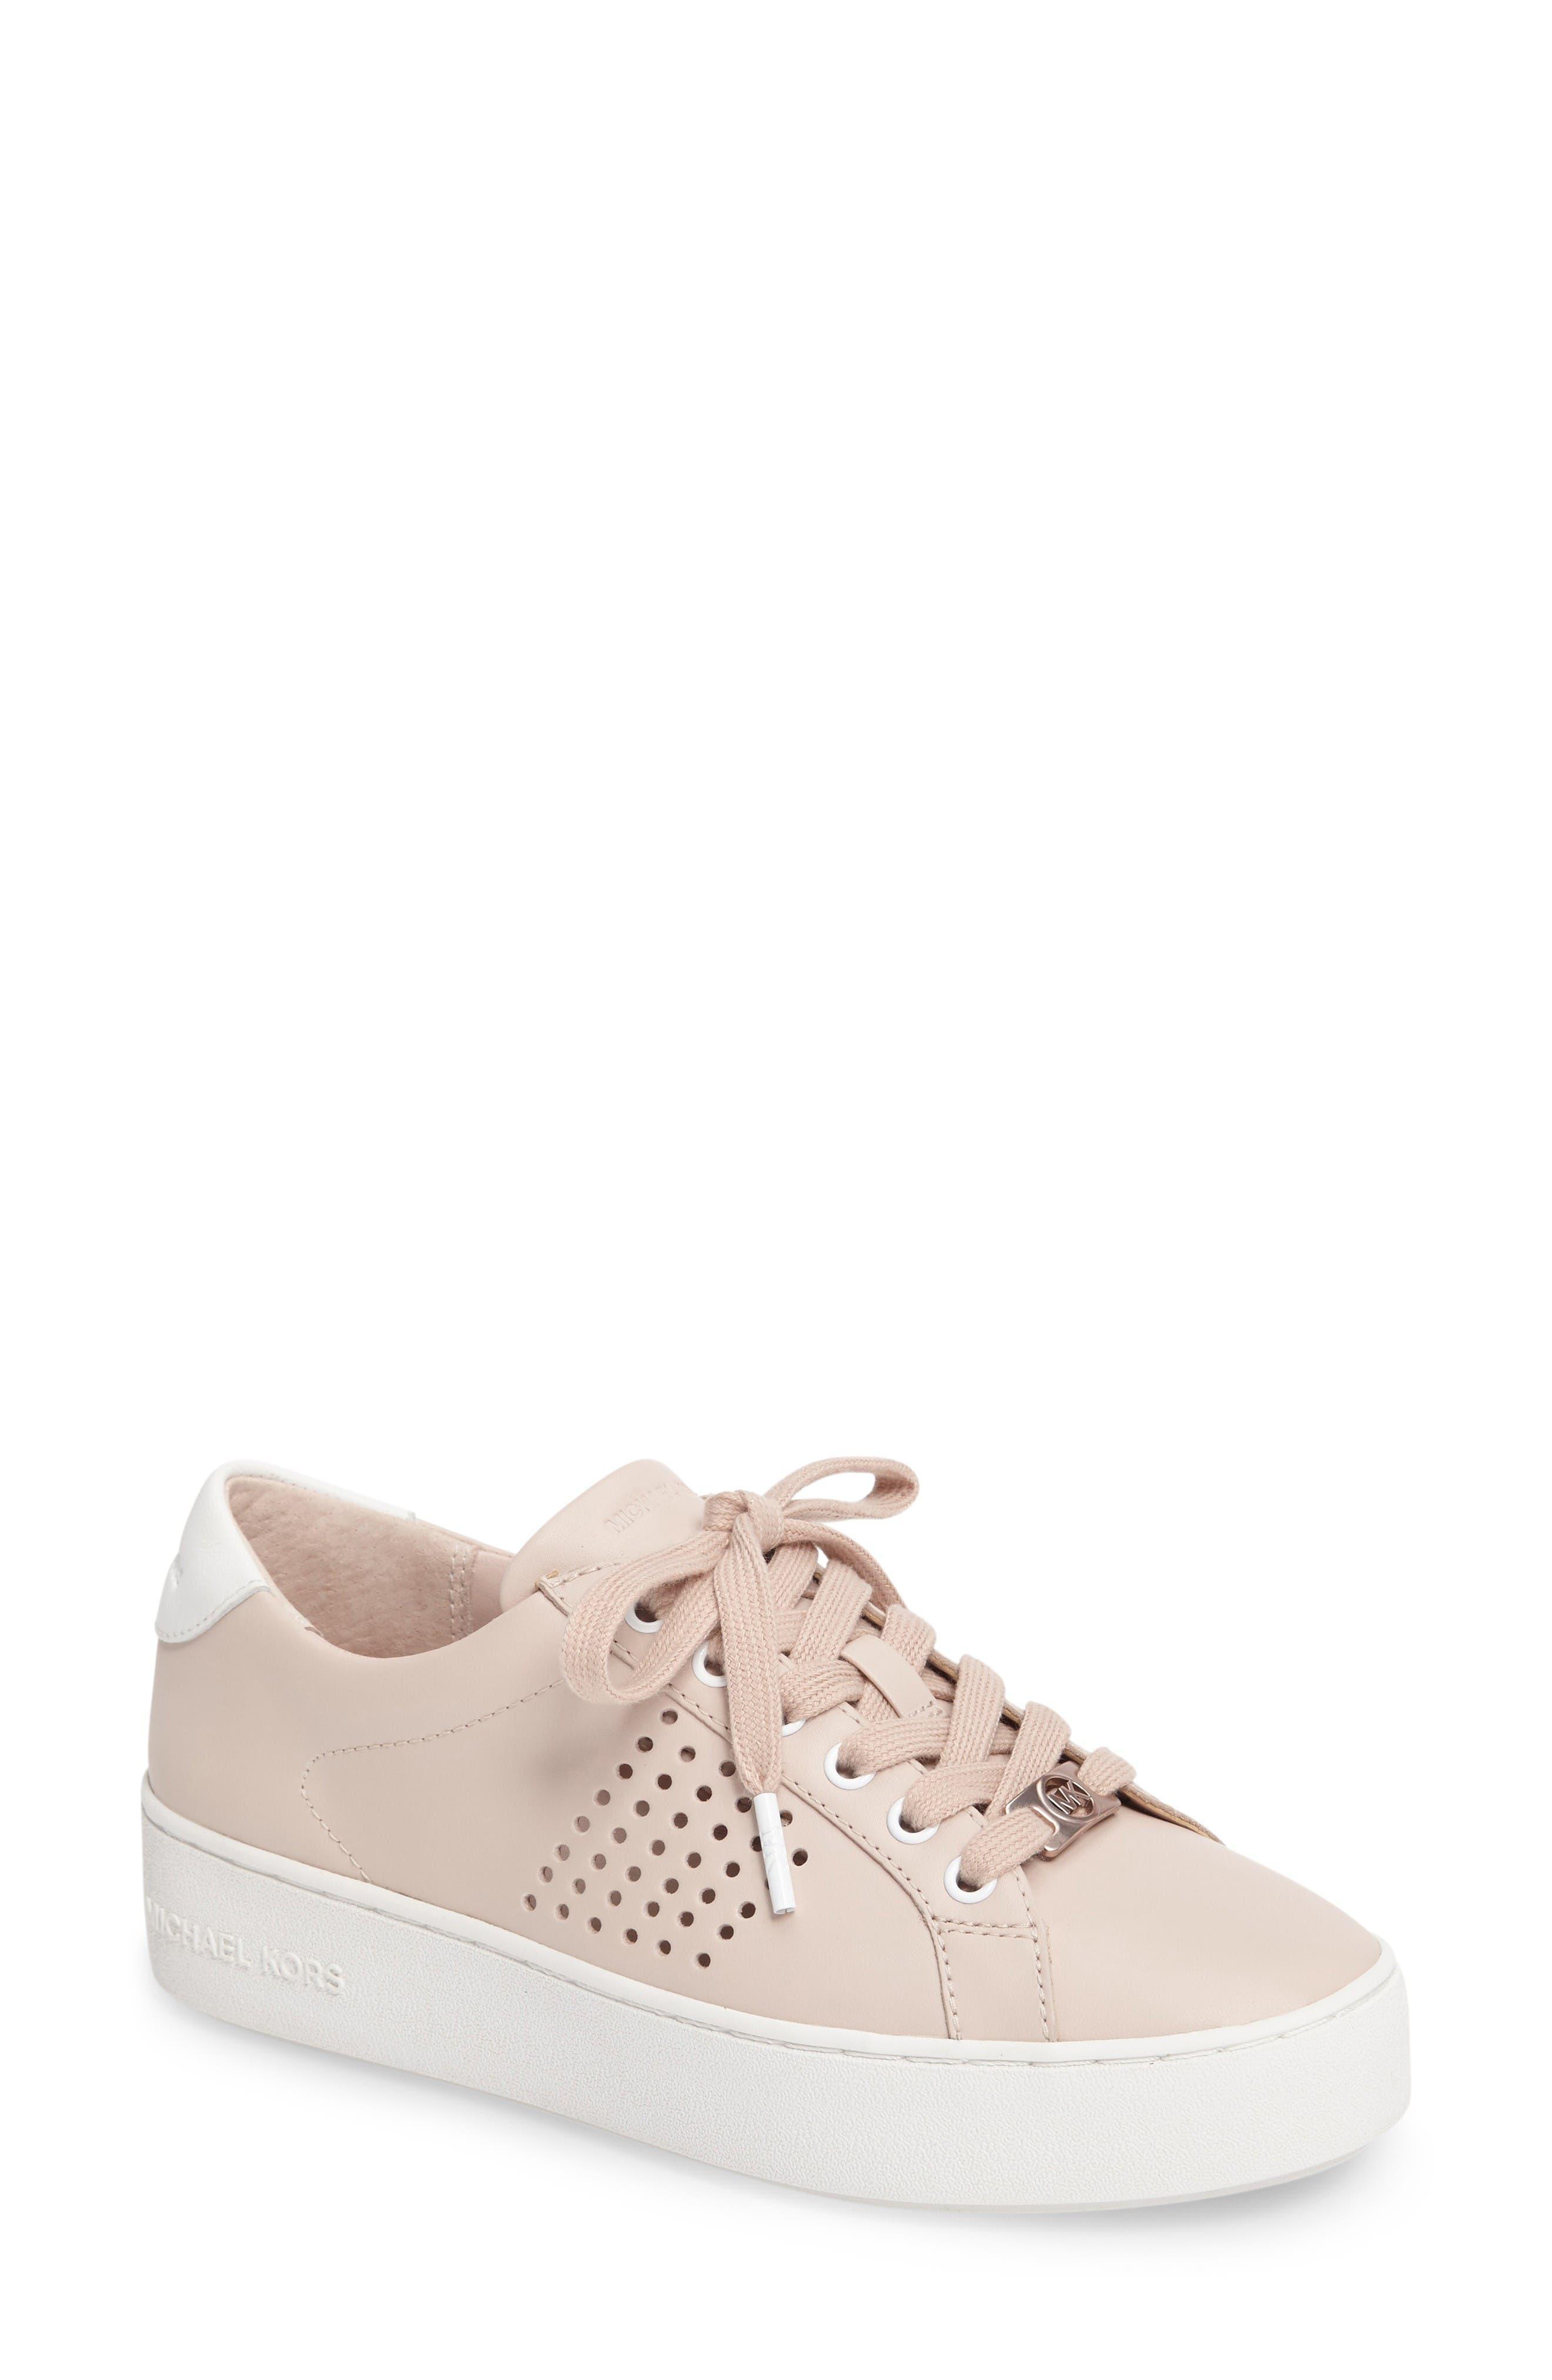 MICHAEL MICHAEL KORS Poppy Platform Sneaker